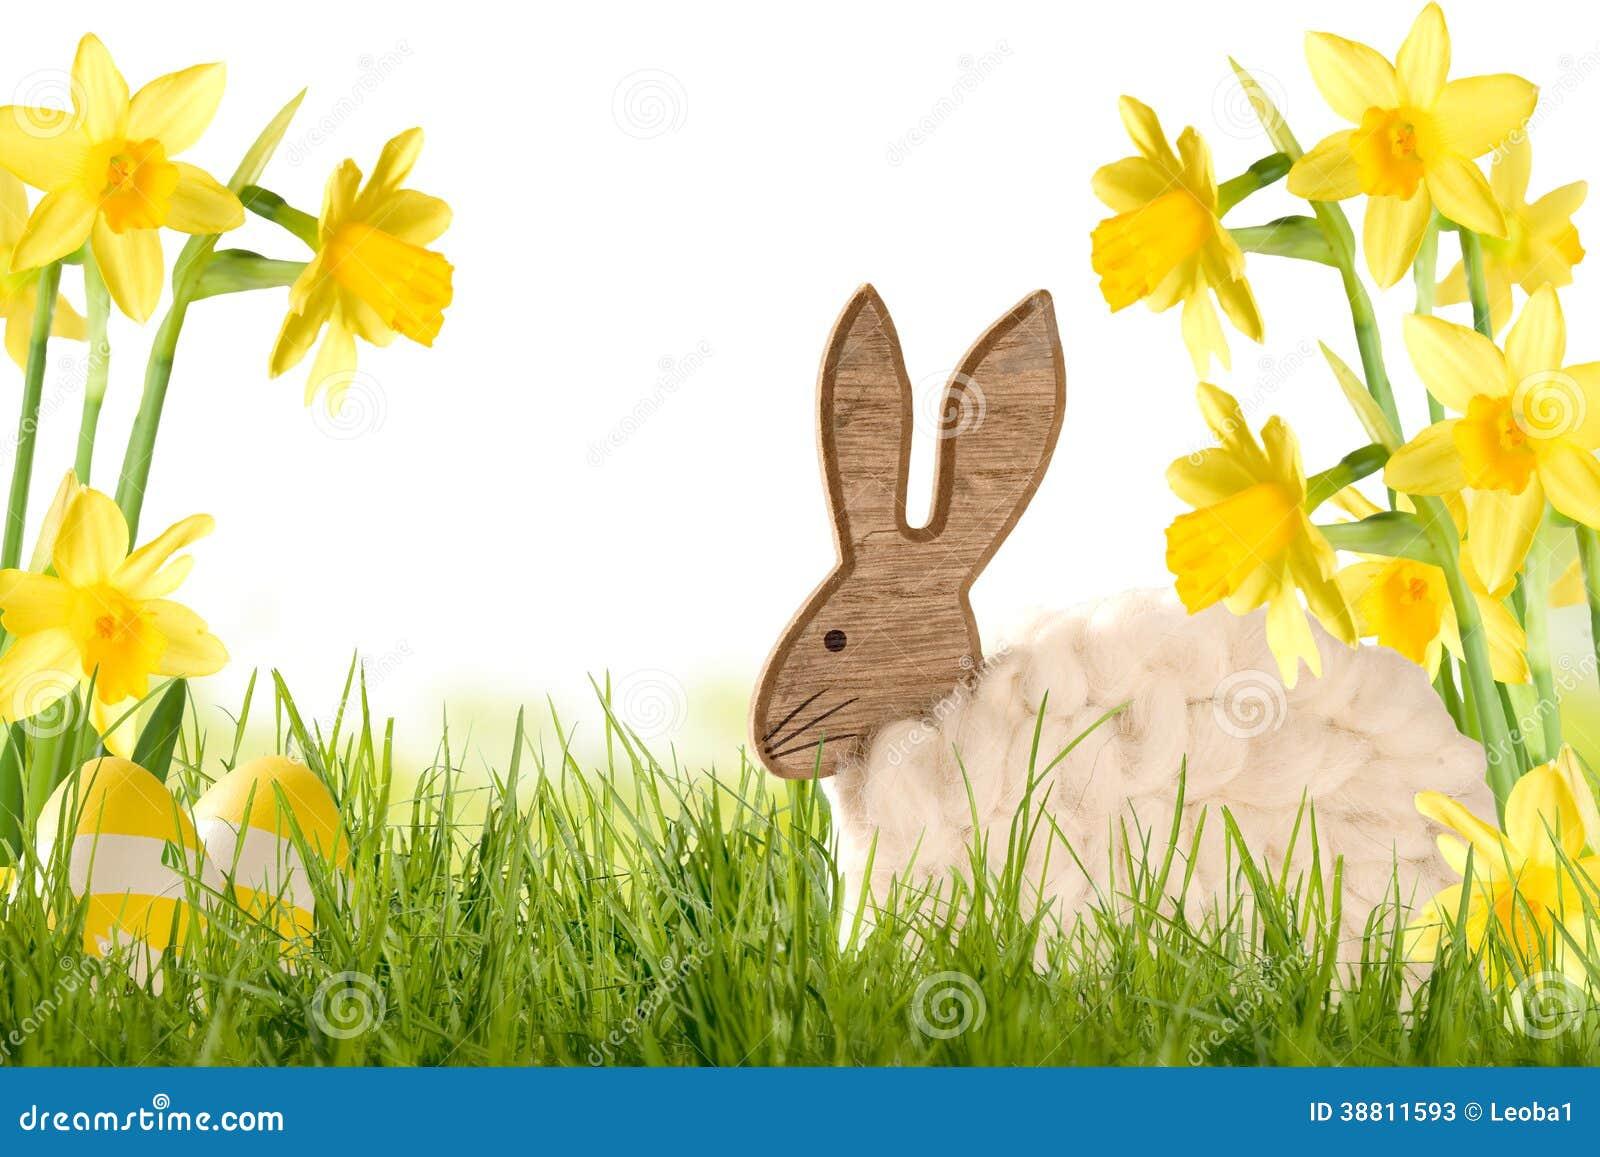 Citaten Met Pasen : Pasen decoratie houten konijn met gele narcissen stock